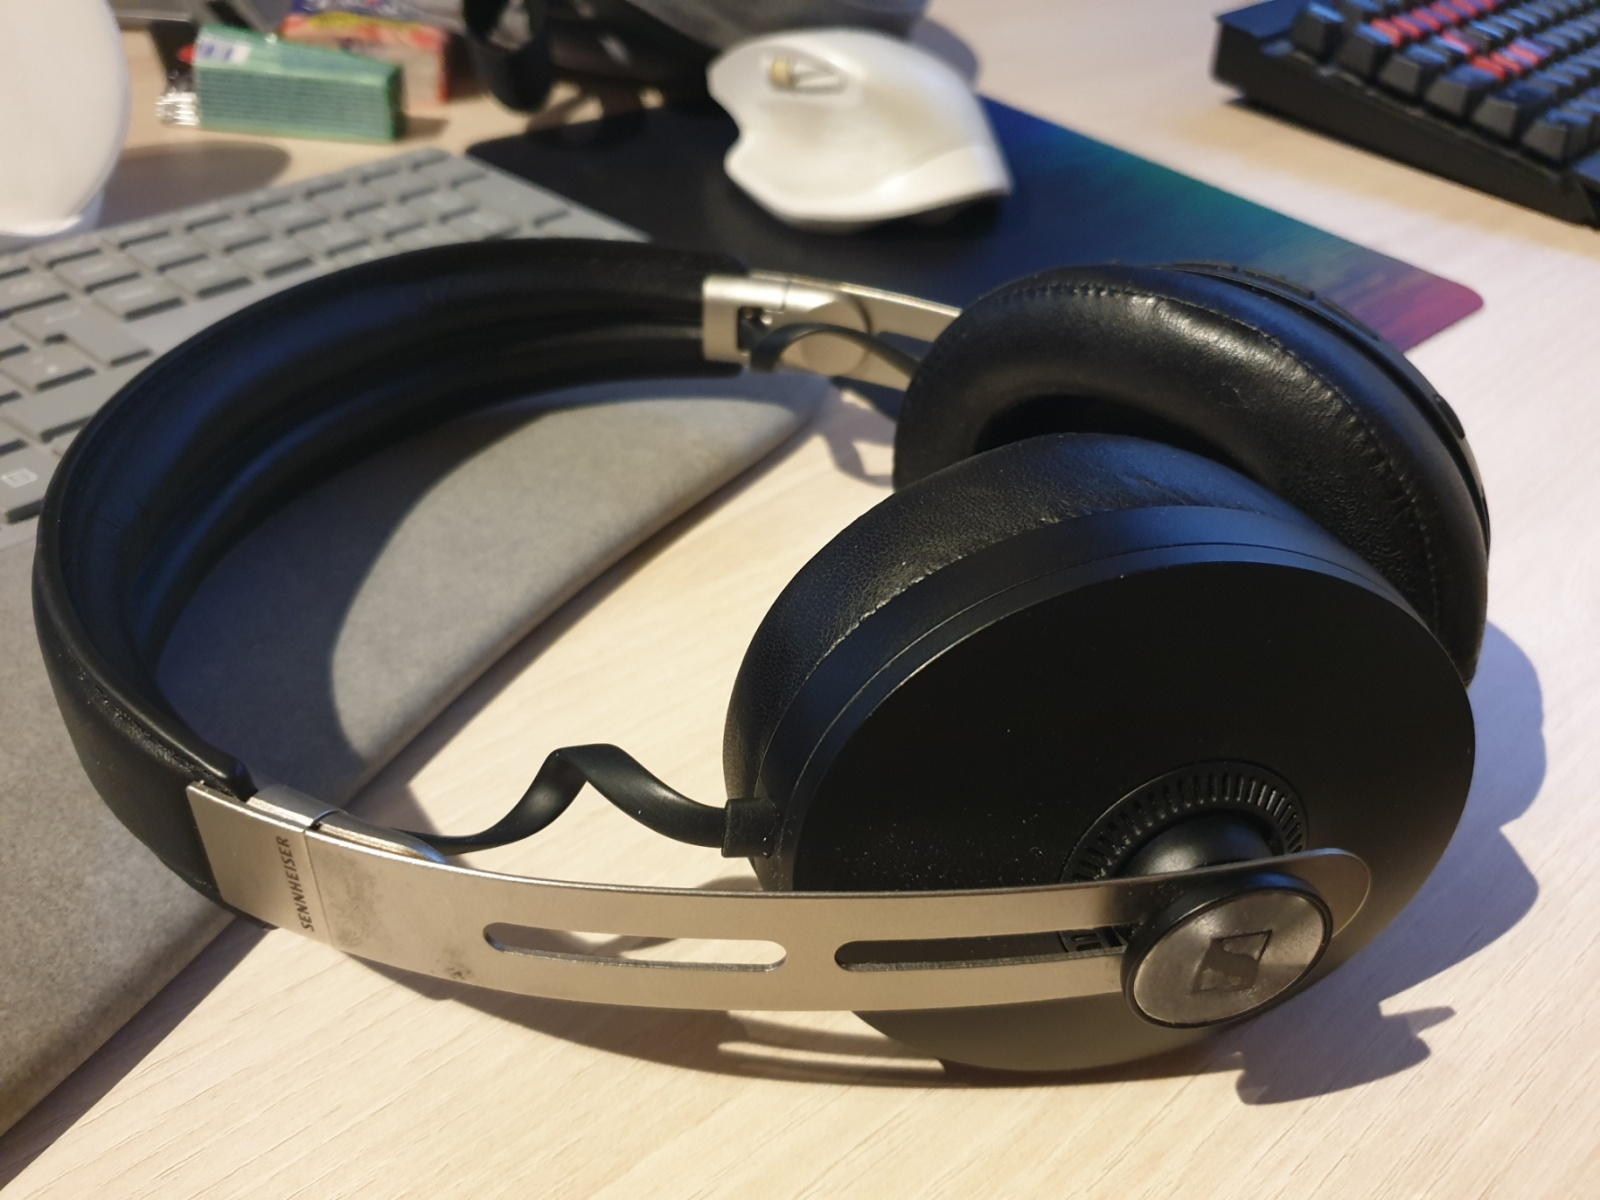 Sennheiser Momentum 3 Wireless: хорошая штука, но не наш выбор для аудиофильских тестов